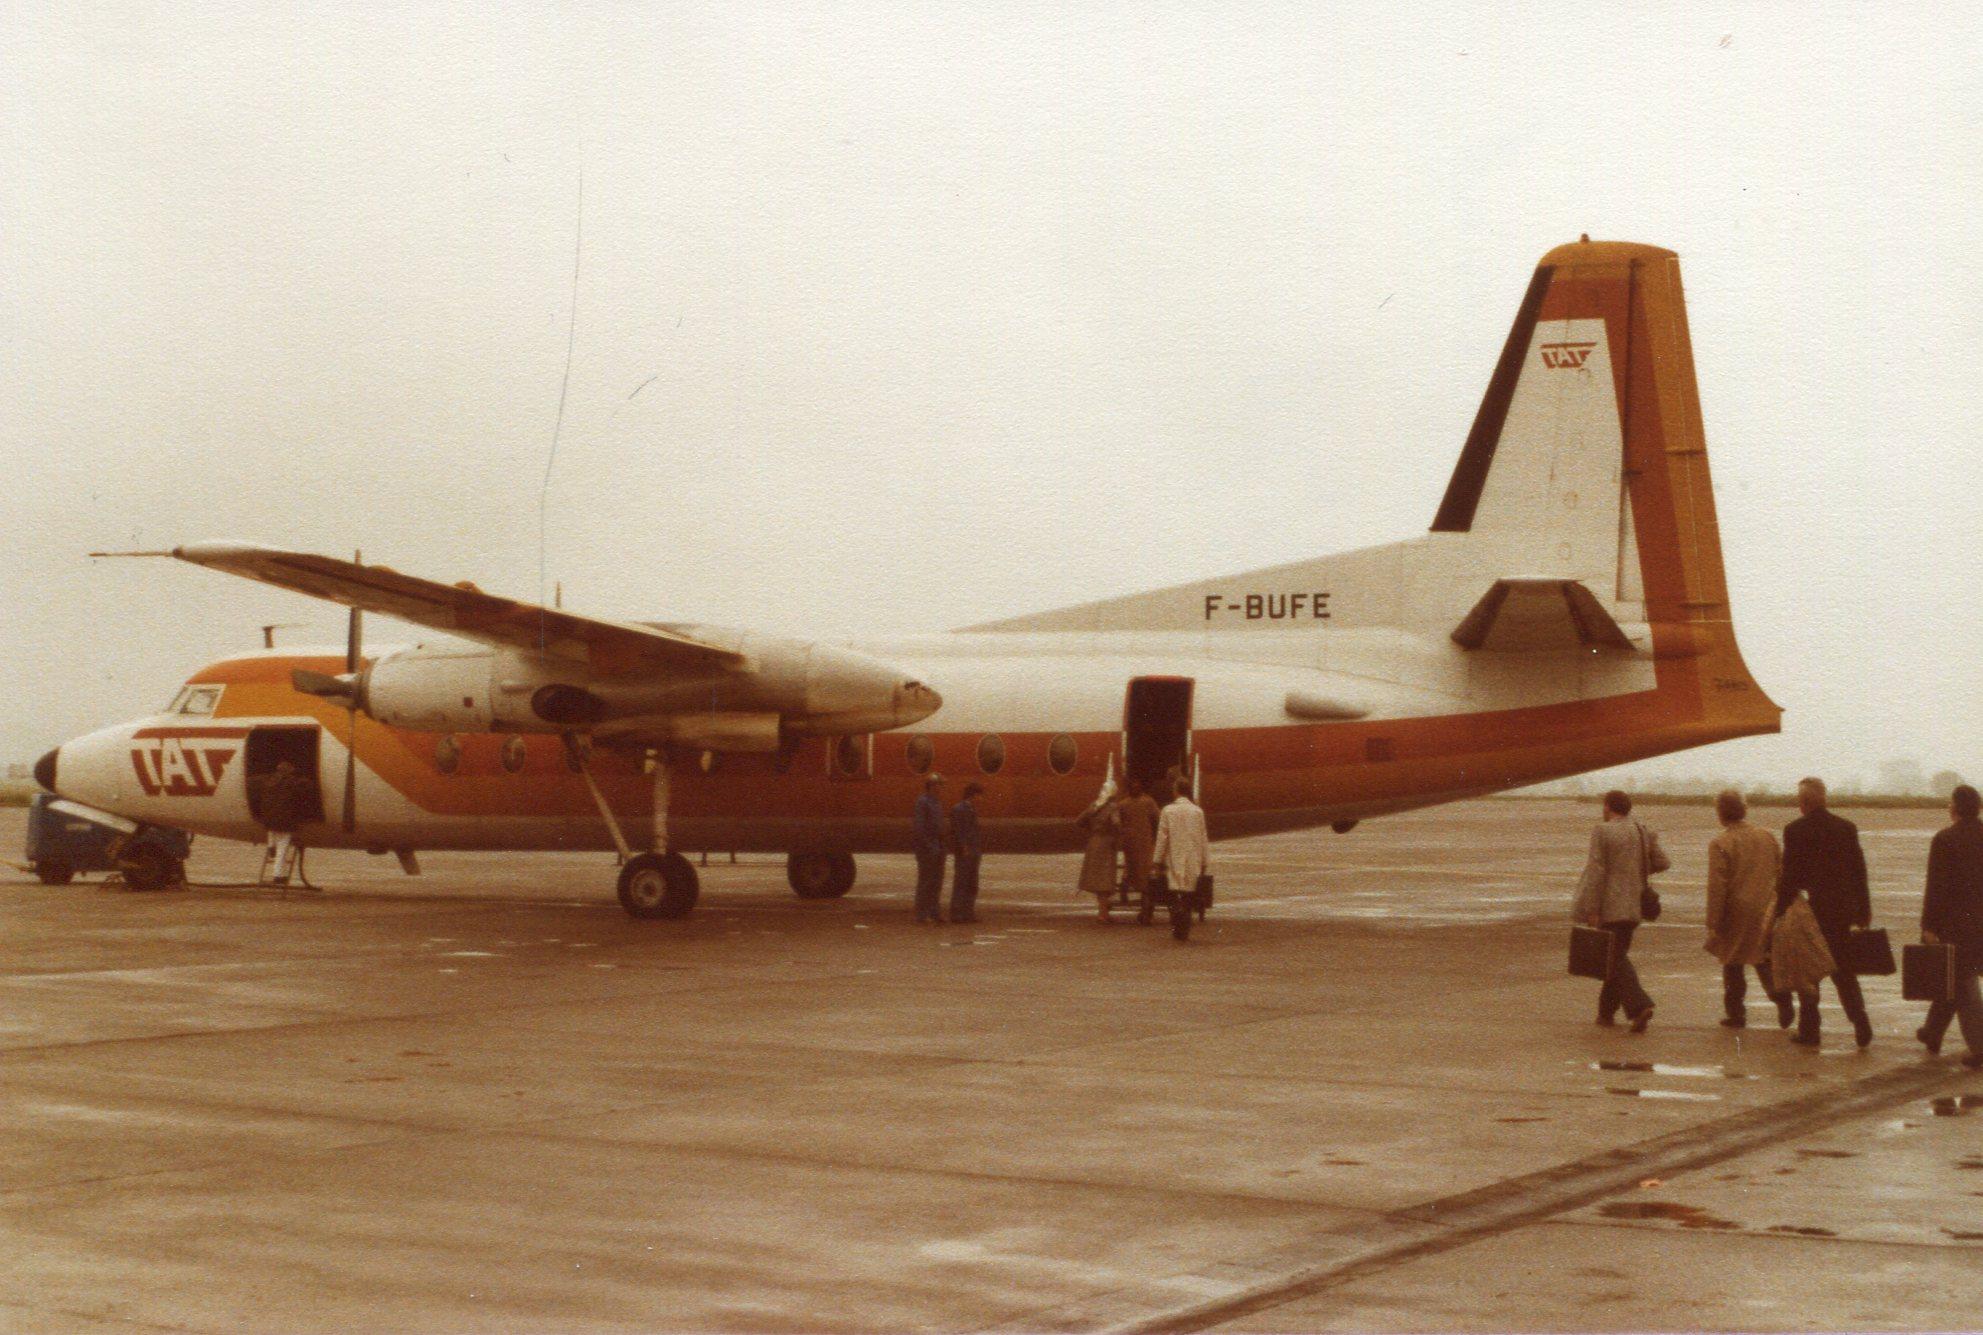 Naam: ClermontFerrand 4-1978.jpg Bekeken: 93 Grootte: 400,8 KB